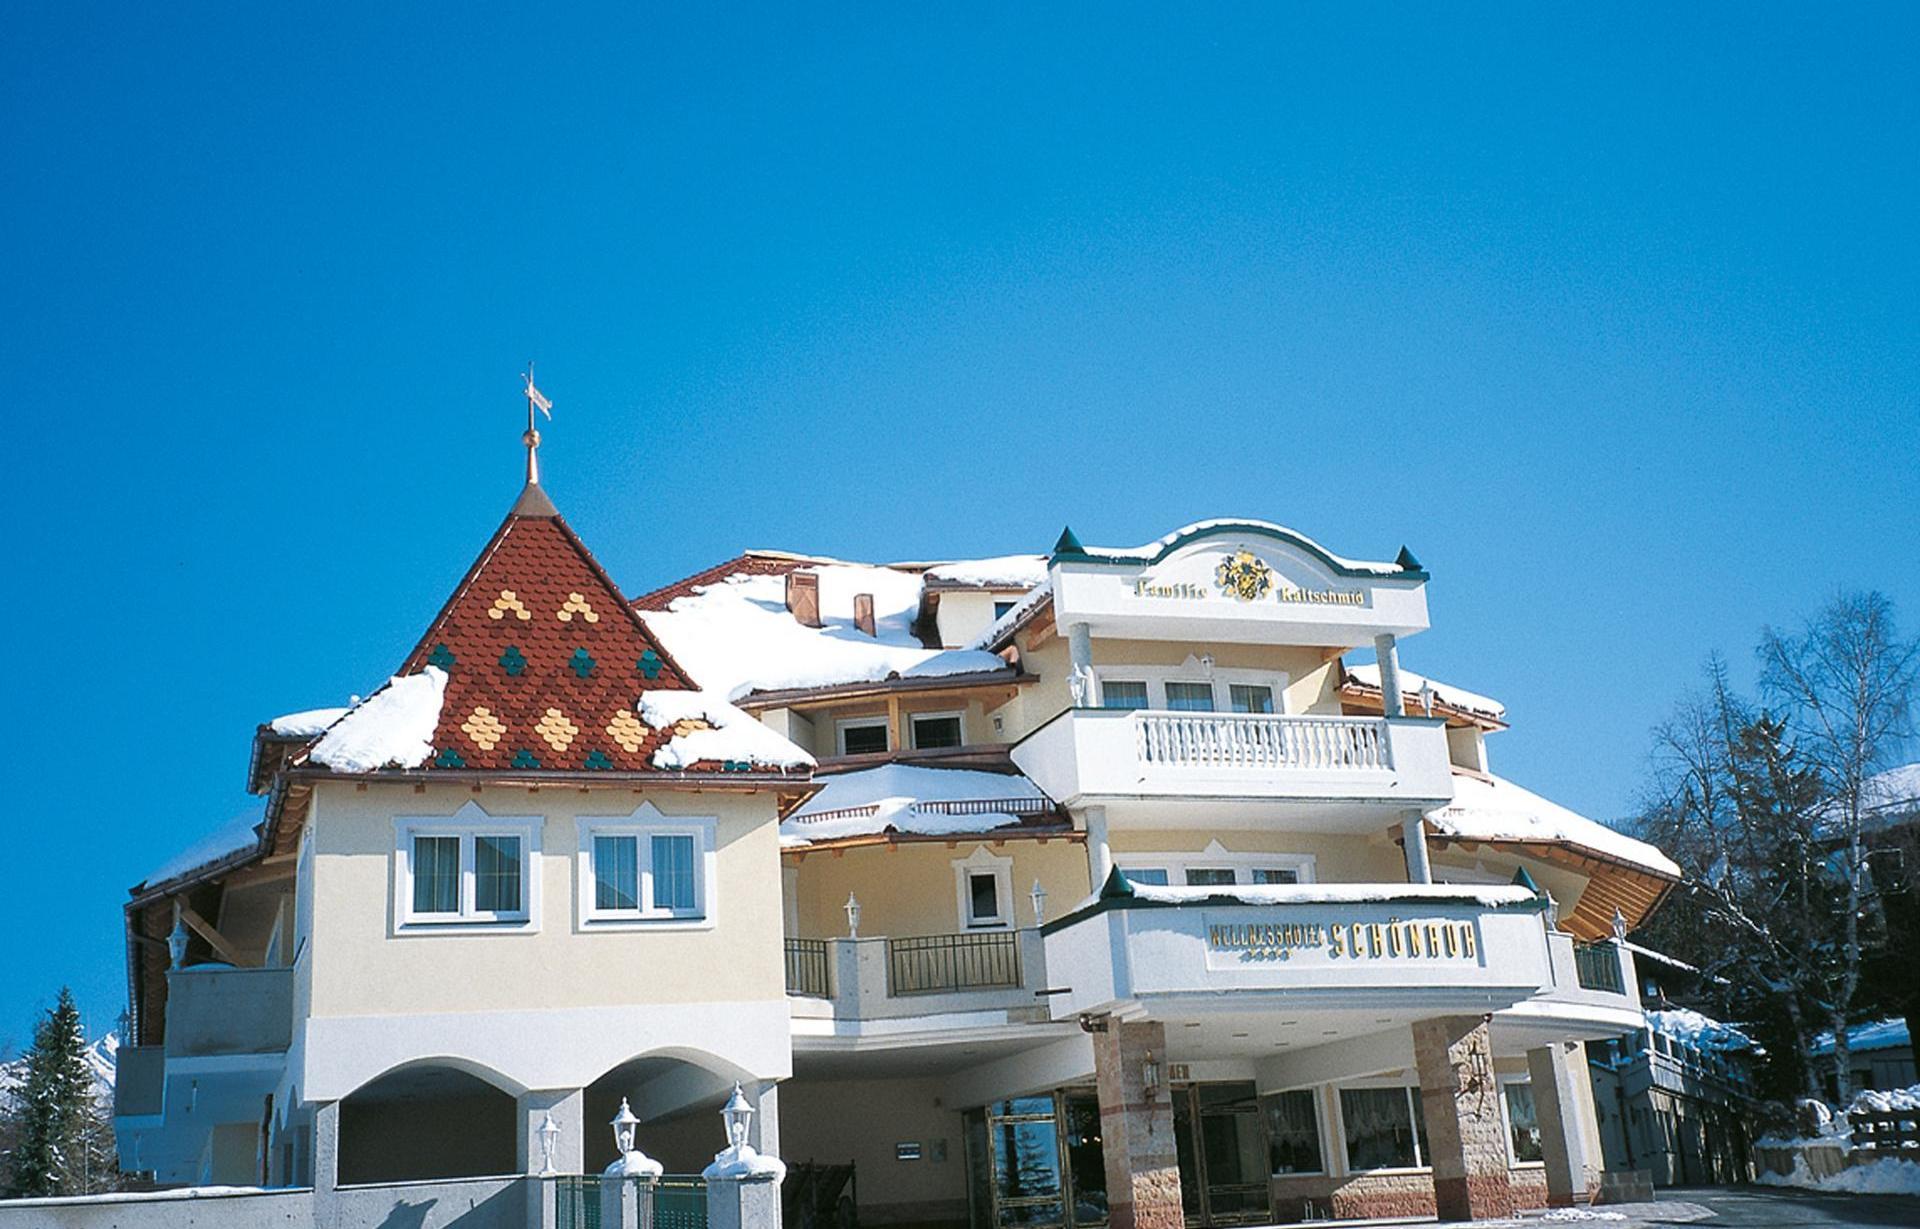 Meer info over Wellnesshotel Schönruh  bij Summittravel